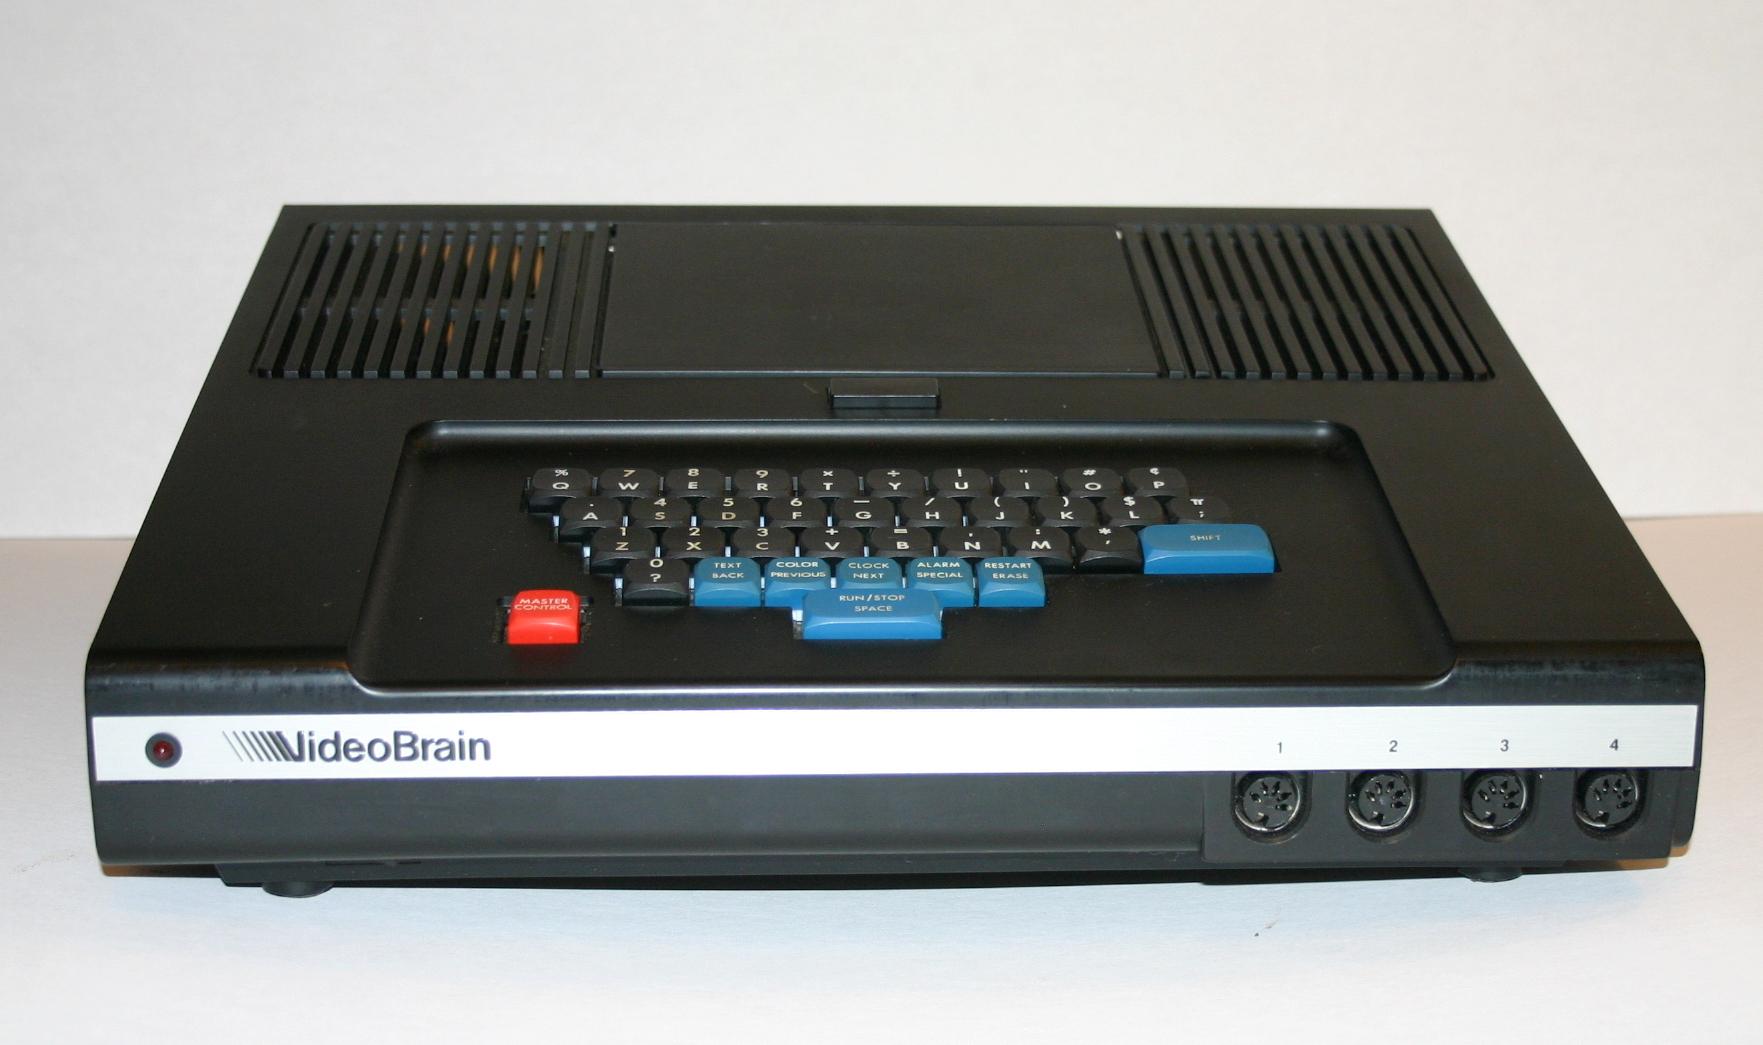 Посмотрите на эти ужасные клавиатуры 70-х и 80-х [Перевод]. - Изображение 4